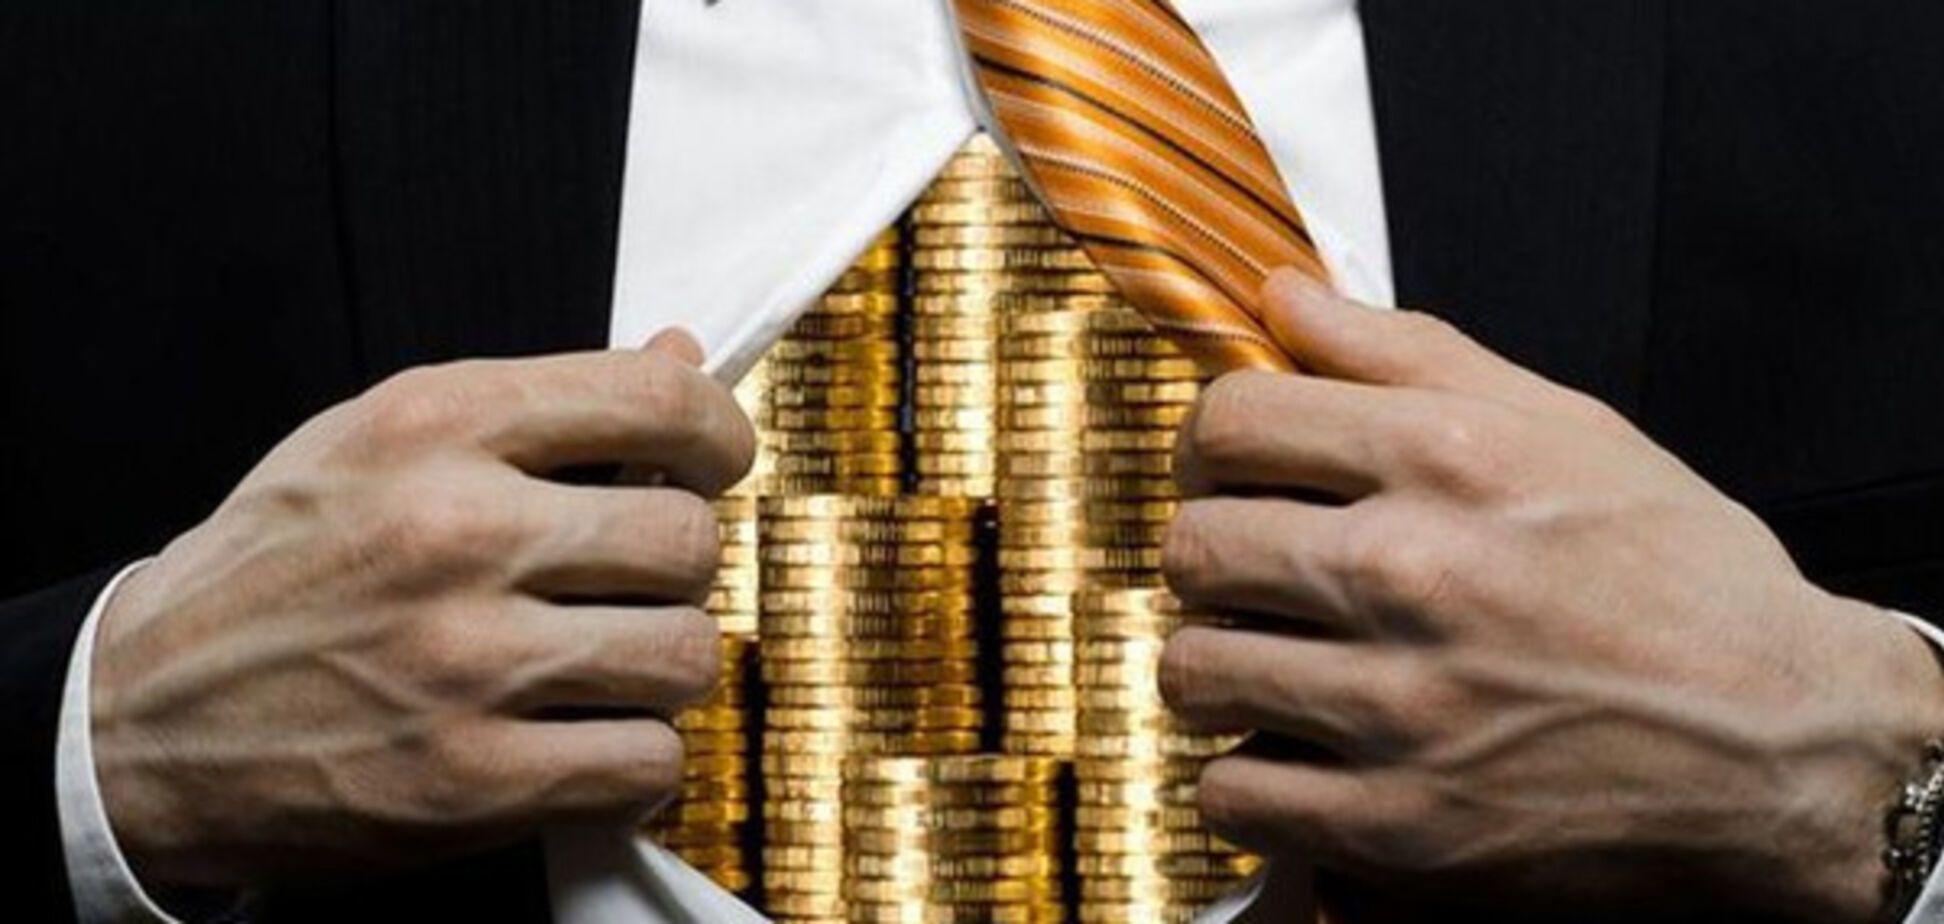 Цинічніше не вигадаєш: як відмивають гроші на 'боротьбу з корупцією'